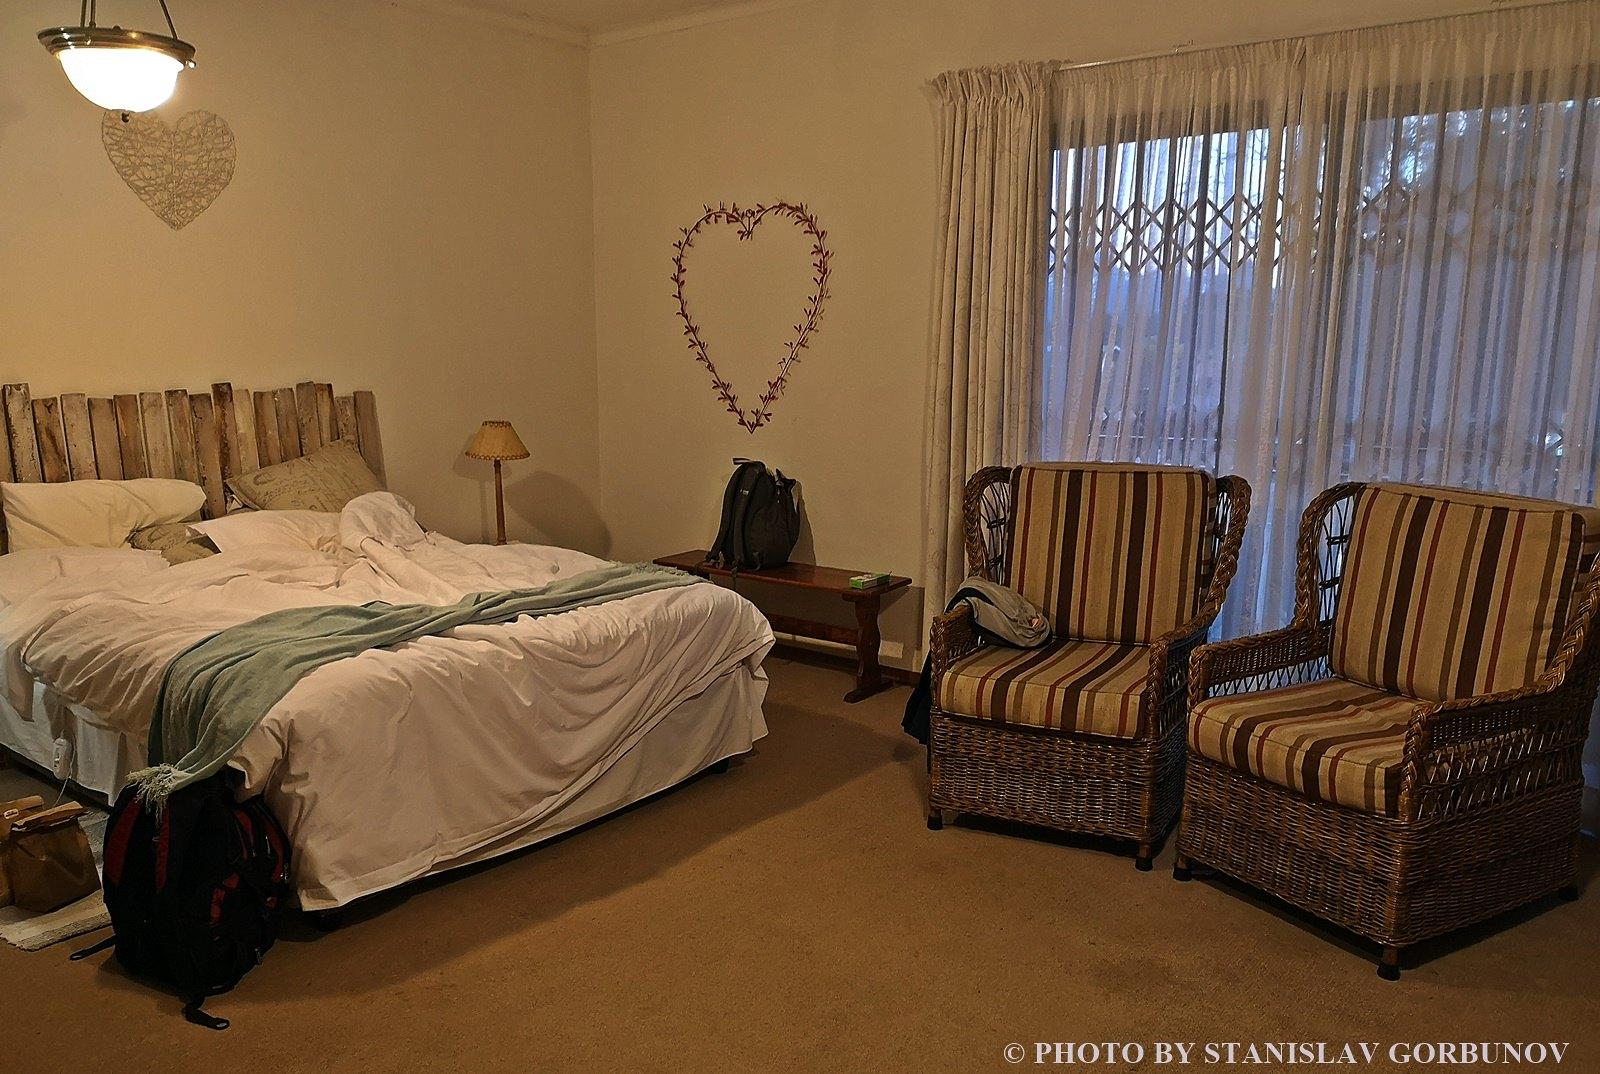 Великолепная девятка гостиниц ЮАР. Это стоит хотя бы один раз увидеть лично! oteli02